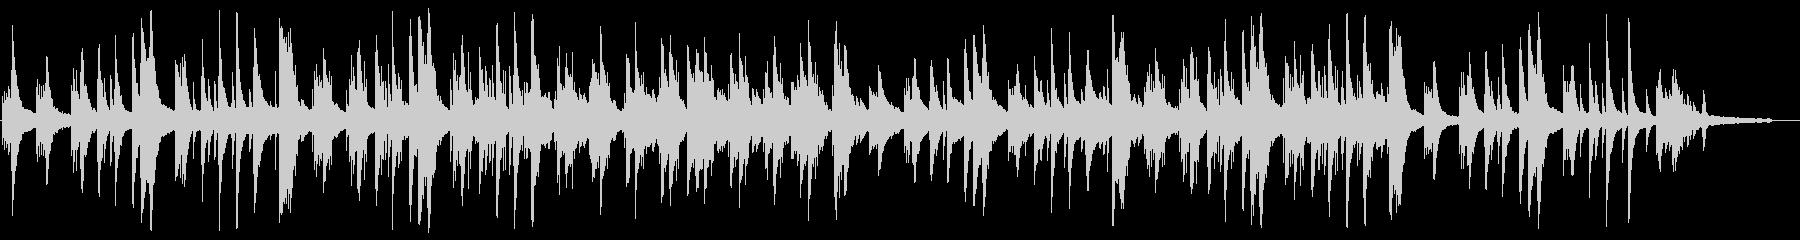 切ないピアノのチルアウト、Lofiの未再生の波形